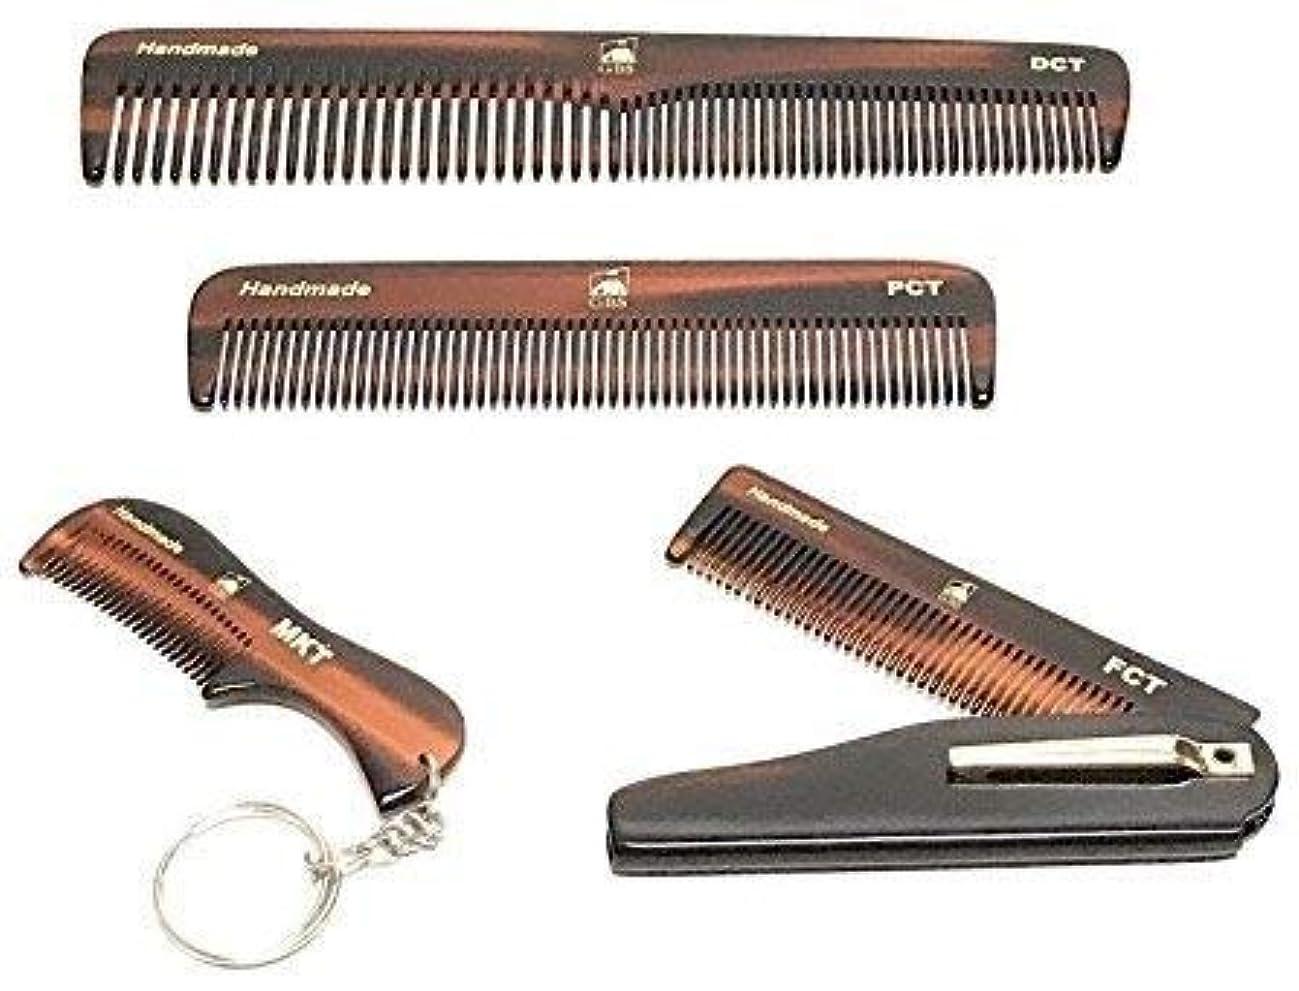 ワイヤー艶省GBS Handmade Styling Anti-Static No Snag Saw-cut Teeth Grooming Hair and Beard Comb Set - For Mens Care - Dressing...